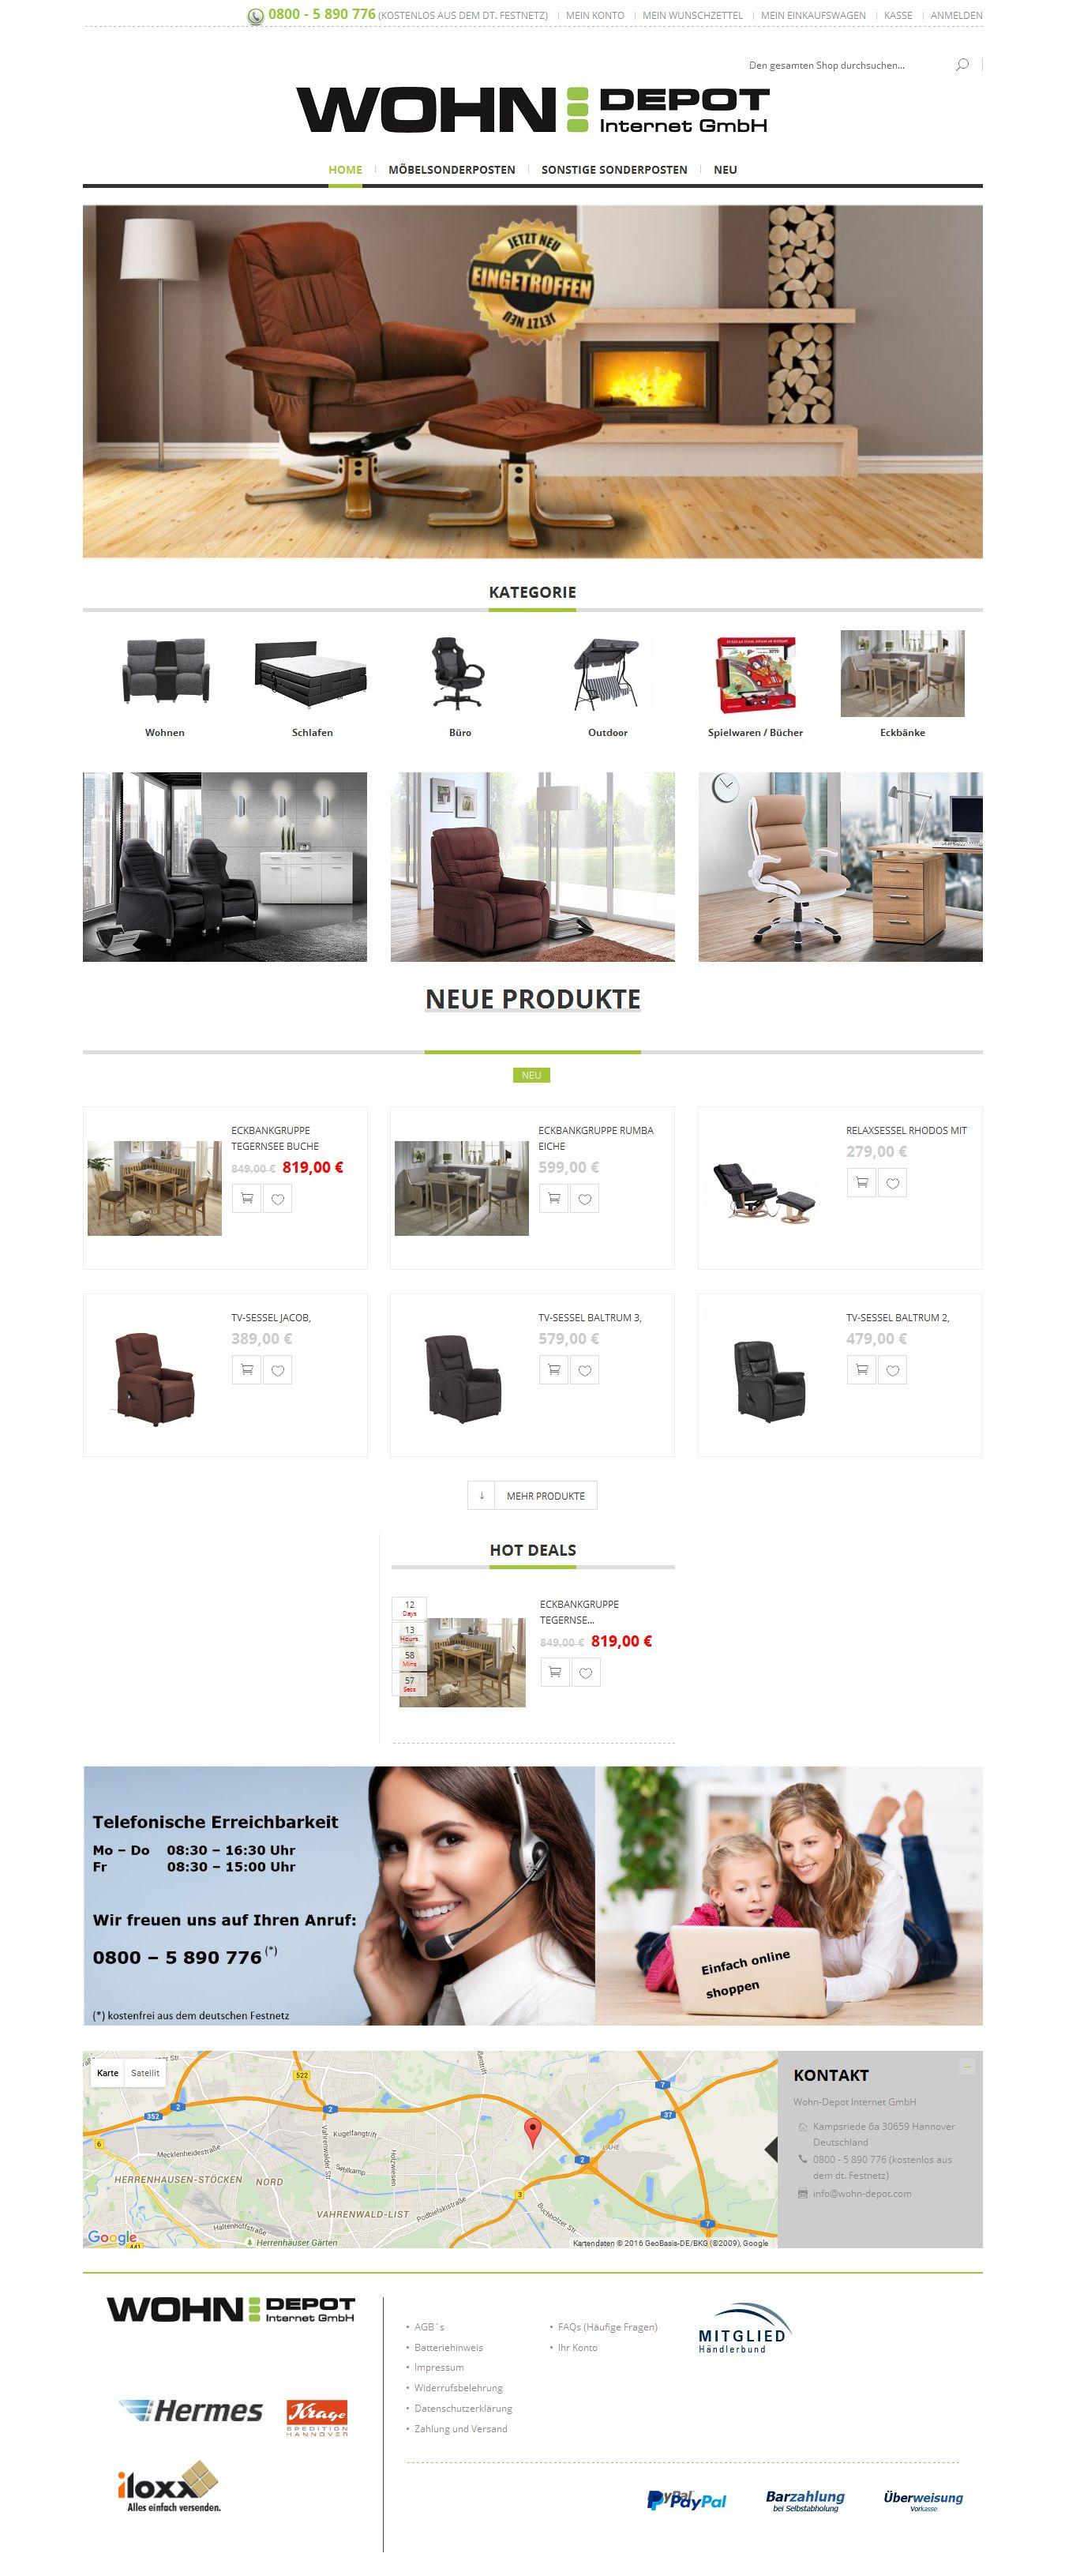 magento shop online mehr erfolg online. Black Bedroom Furniture Sets. Home Design Ideas